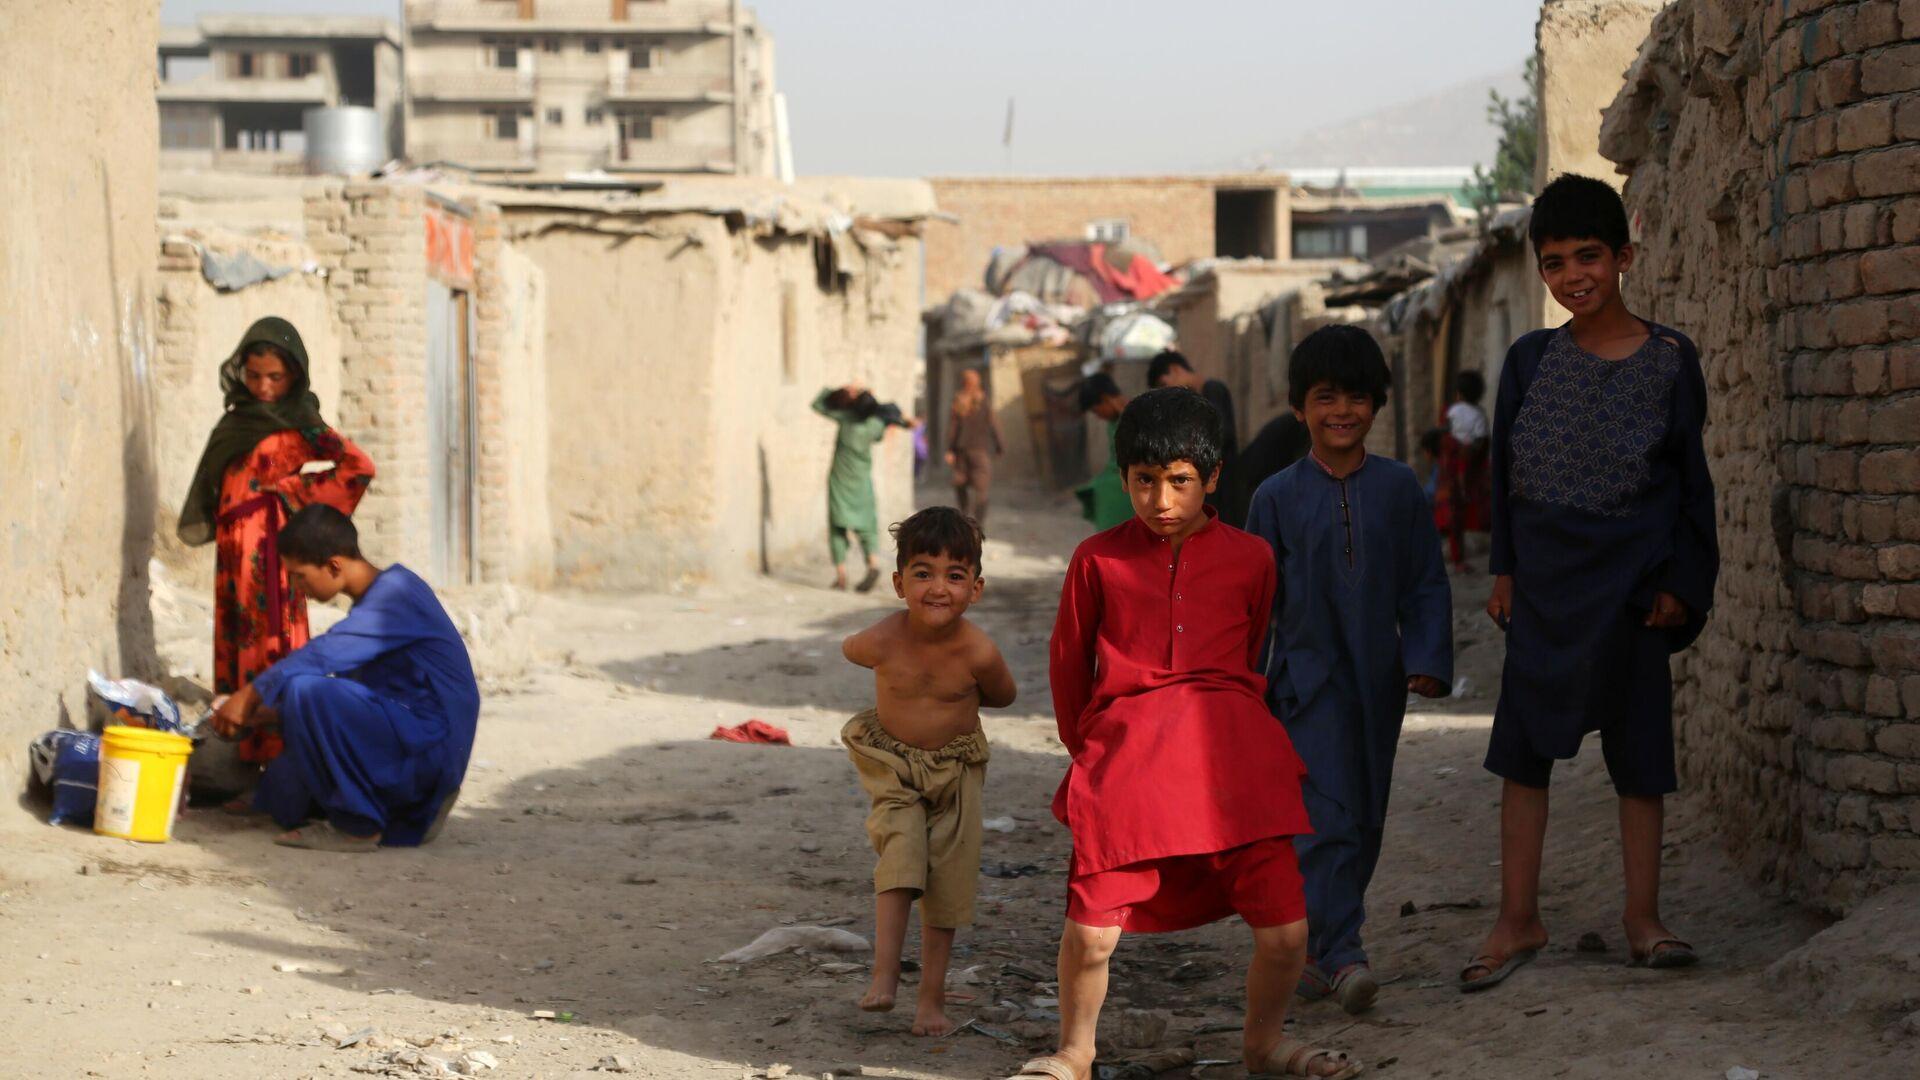 Беженцы из зоны боевых действий в Афганистане - Sputnik Таджикистан, 1920, 09.08.2021